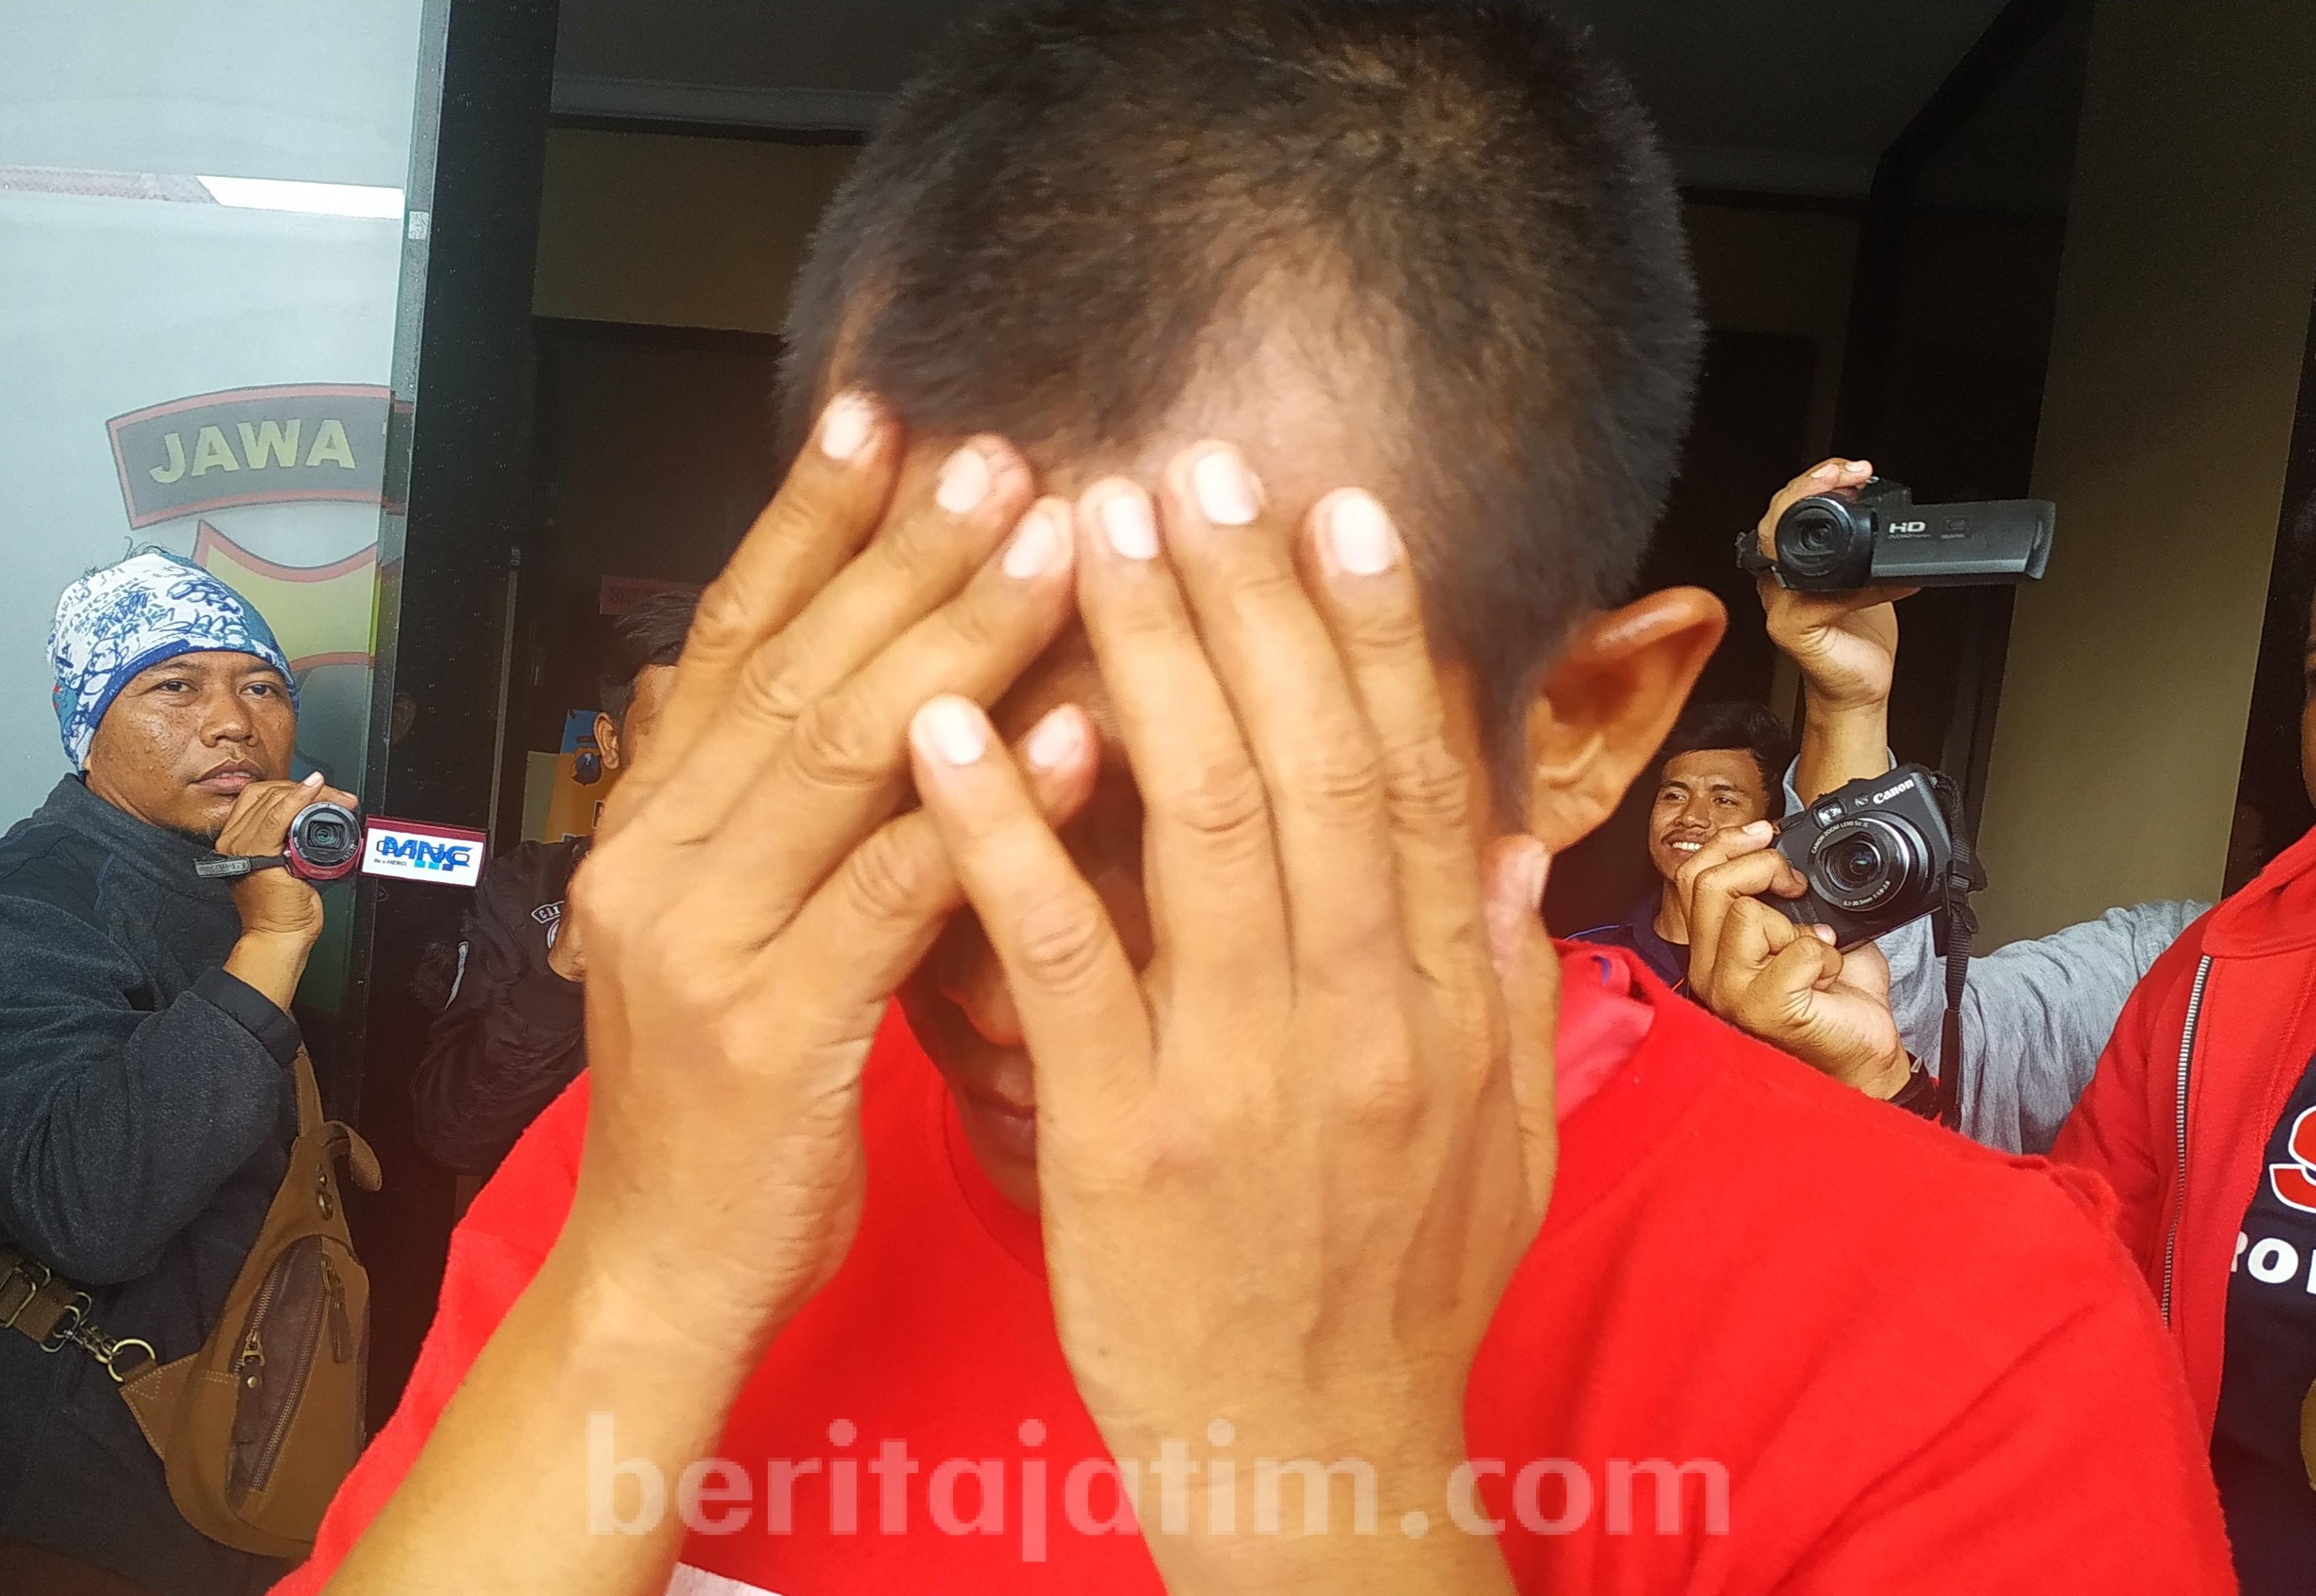 Istri Sakit Saluran Kencing, di Surabaya Suami Embat Keponakan 2 Tahun